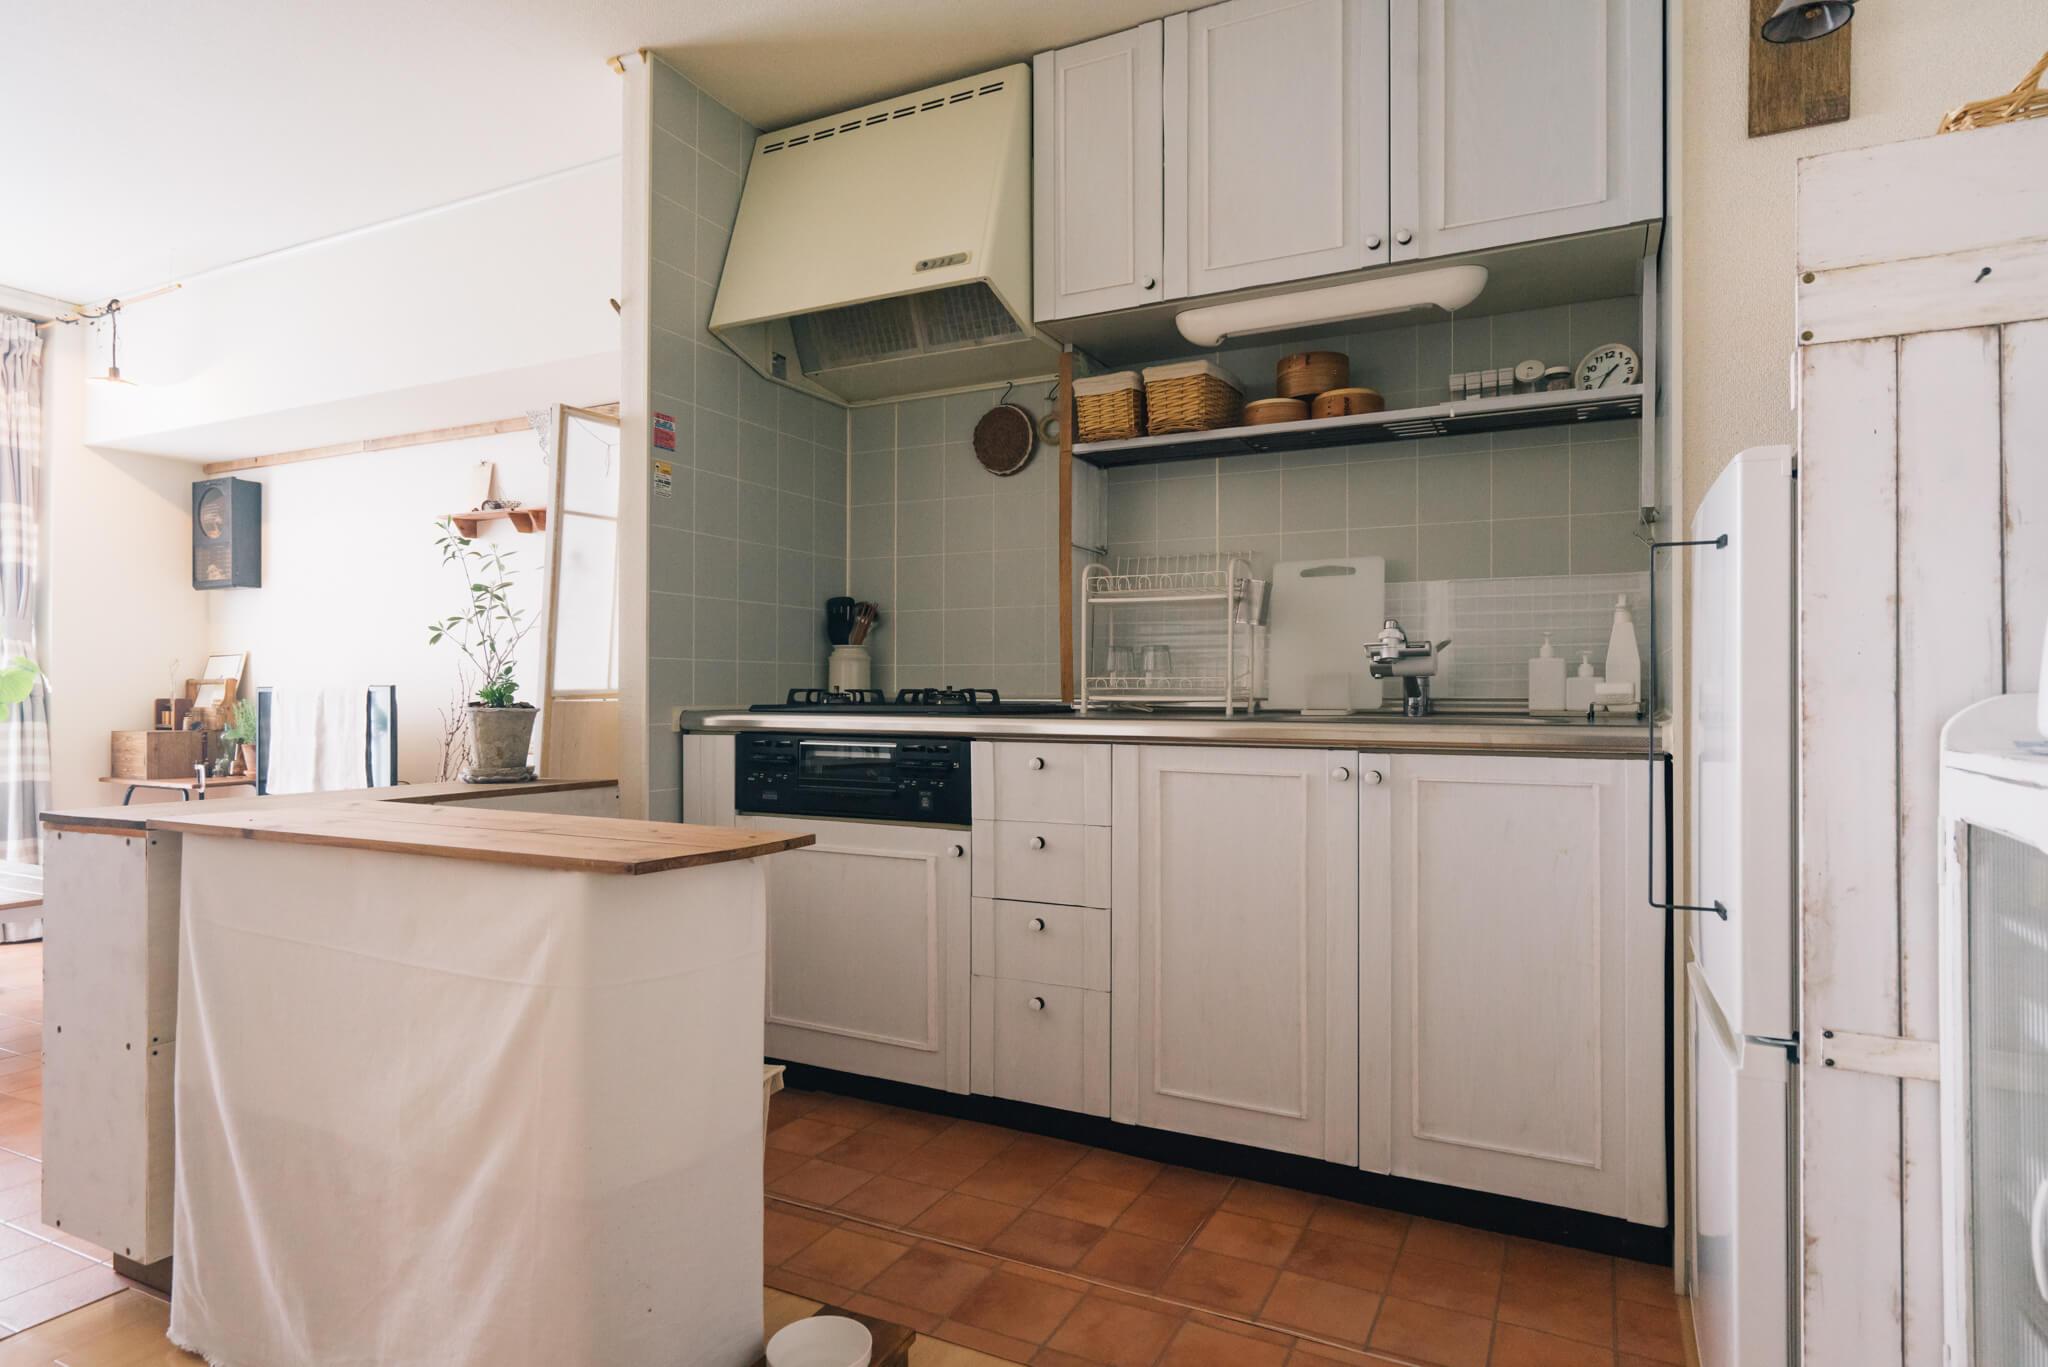 キッチンの収納扉や、部屋を仕切る襖も、リメイクシートを貼ったり、モールディング風の飾りをつけたりで、だいぶ雰囲気が変わりました。